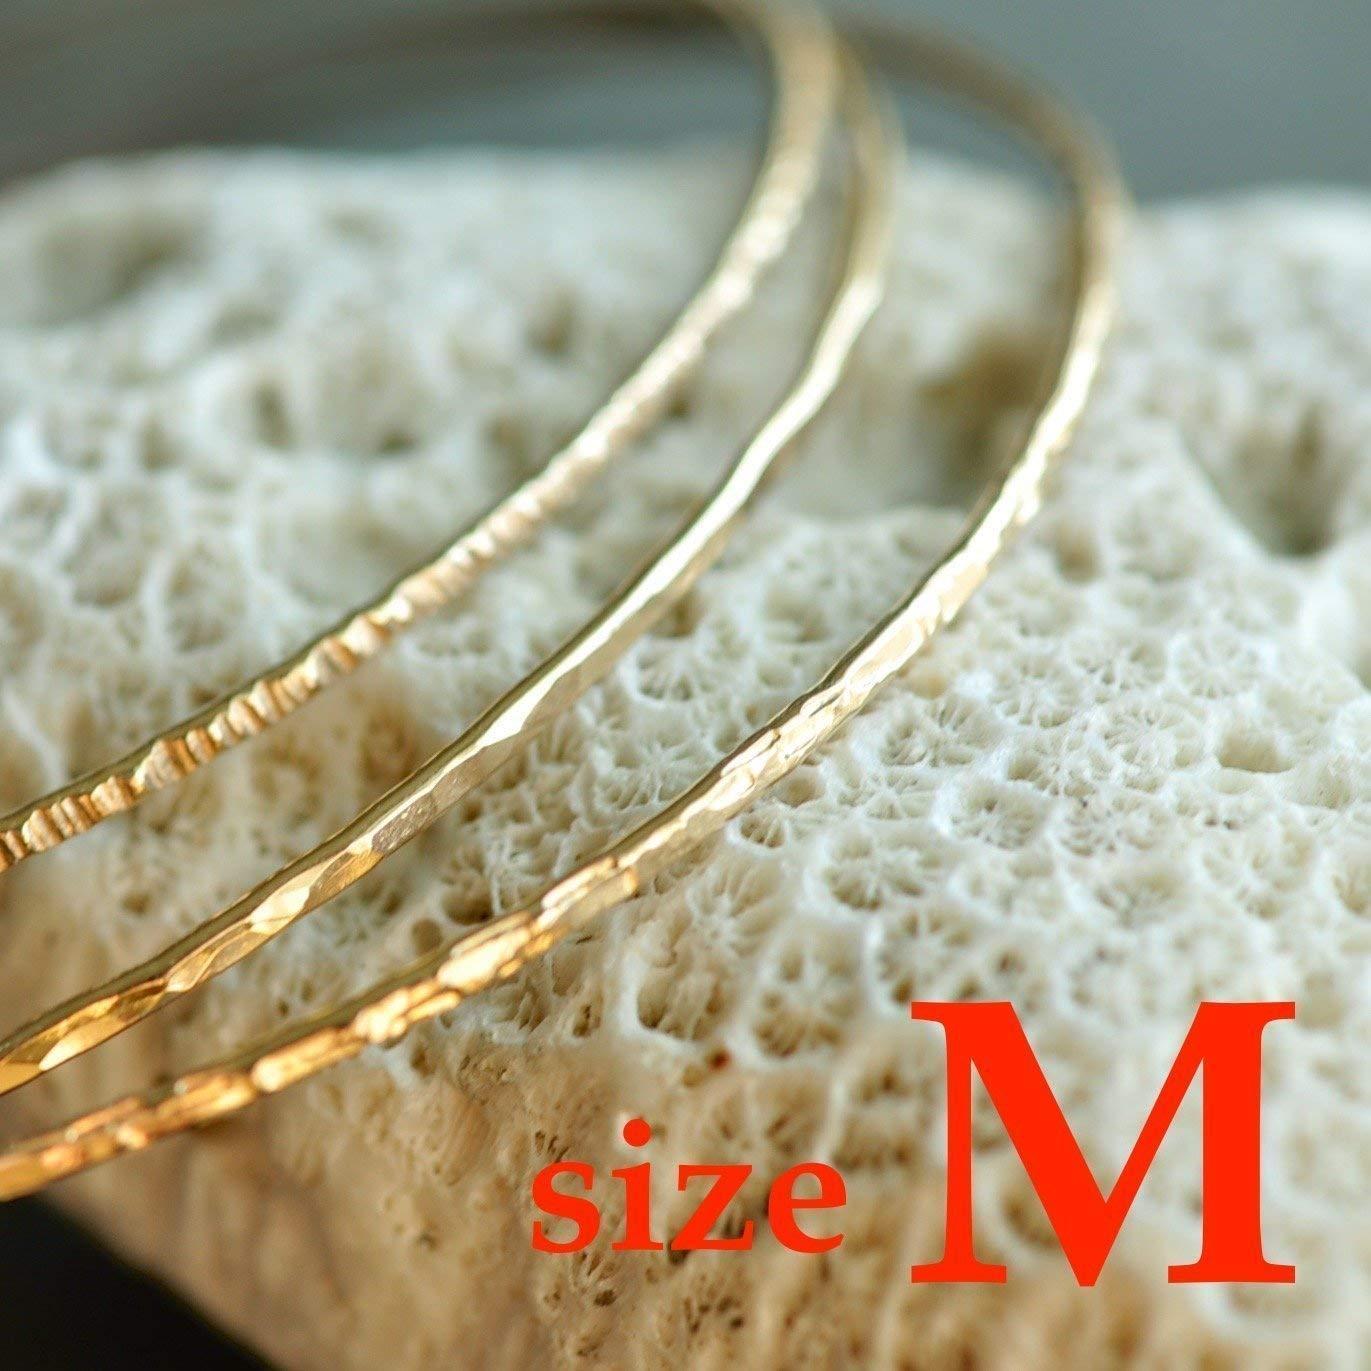 14K Gold Filled Hammered Skinny Stacking Bangles Satz von 3 Textures, Sz Medium